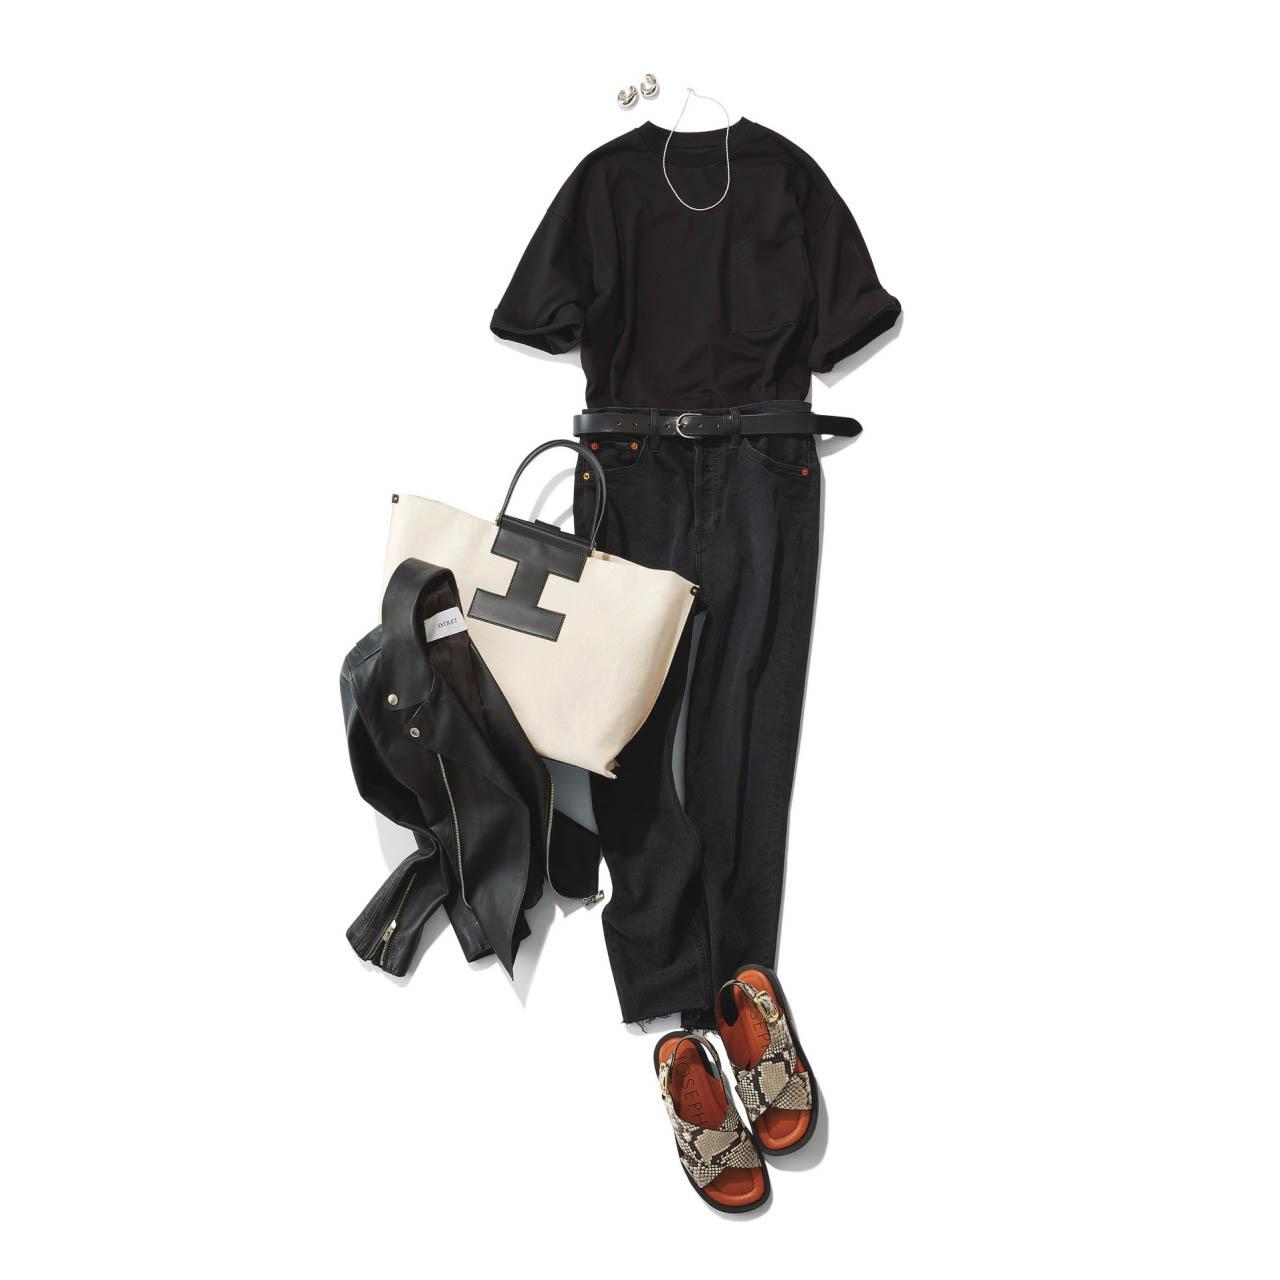 ■黒Tシャツ×黒デニム×レザージャケットのモノトーンコーデ